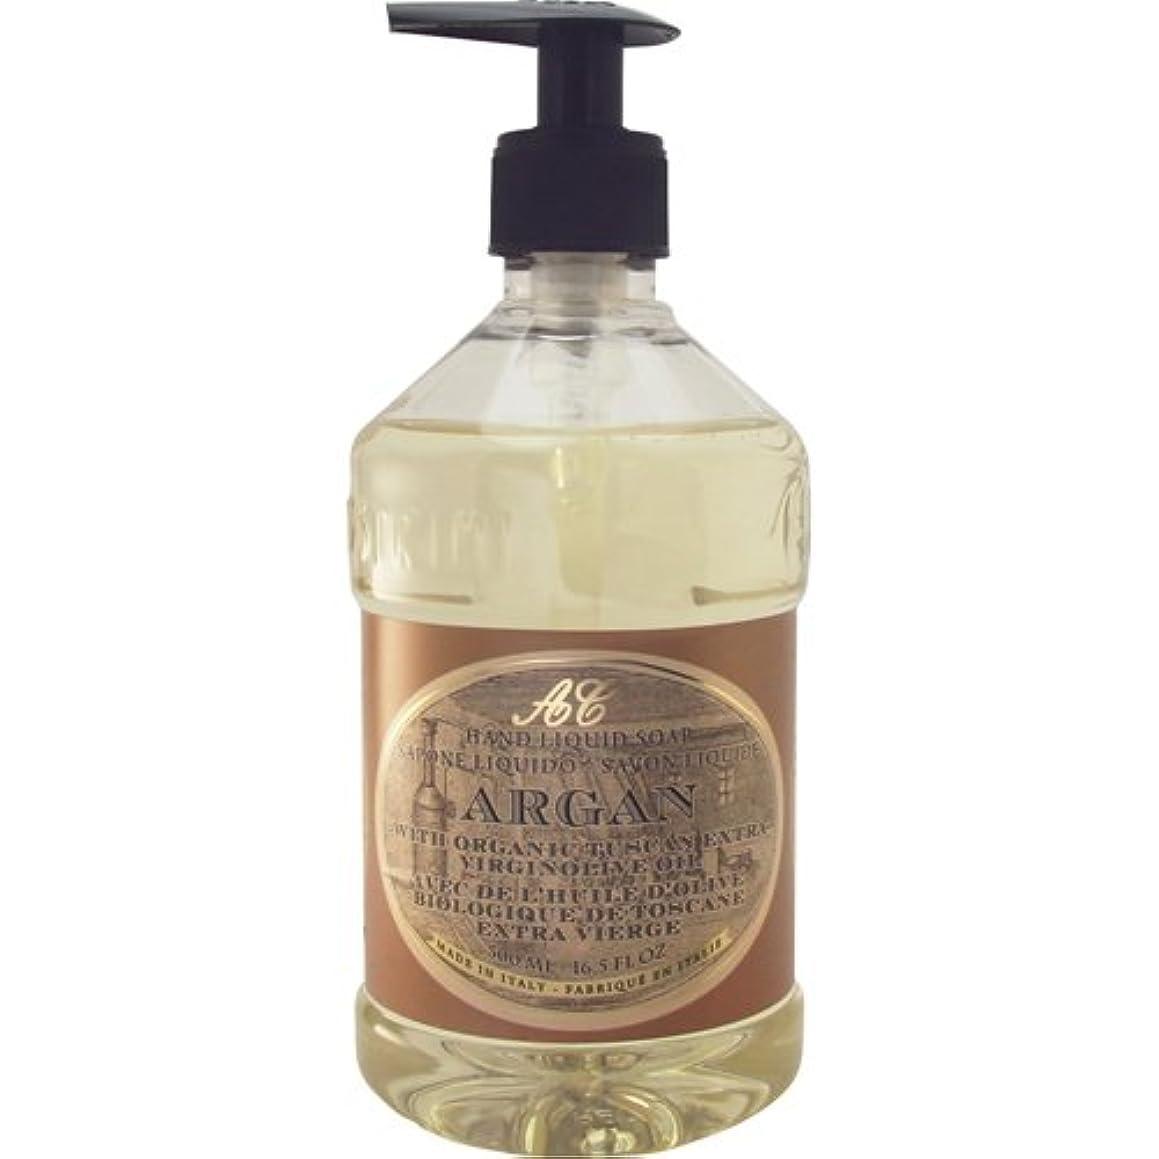 薬剤師ナチュラ調査Saponerire Fissi レトロシリーズ Liquid Soap リキッドソープ 500ml Argan アルガンオイル